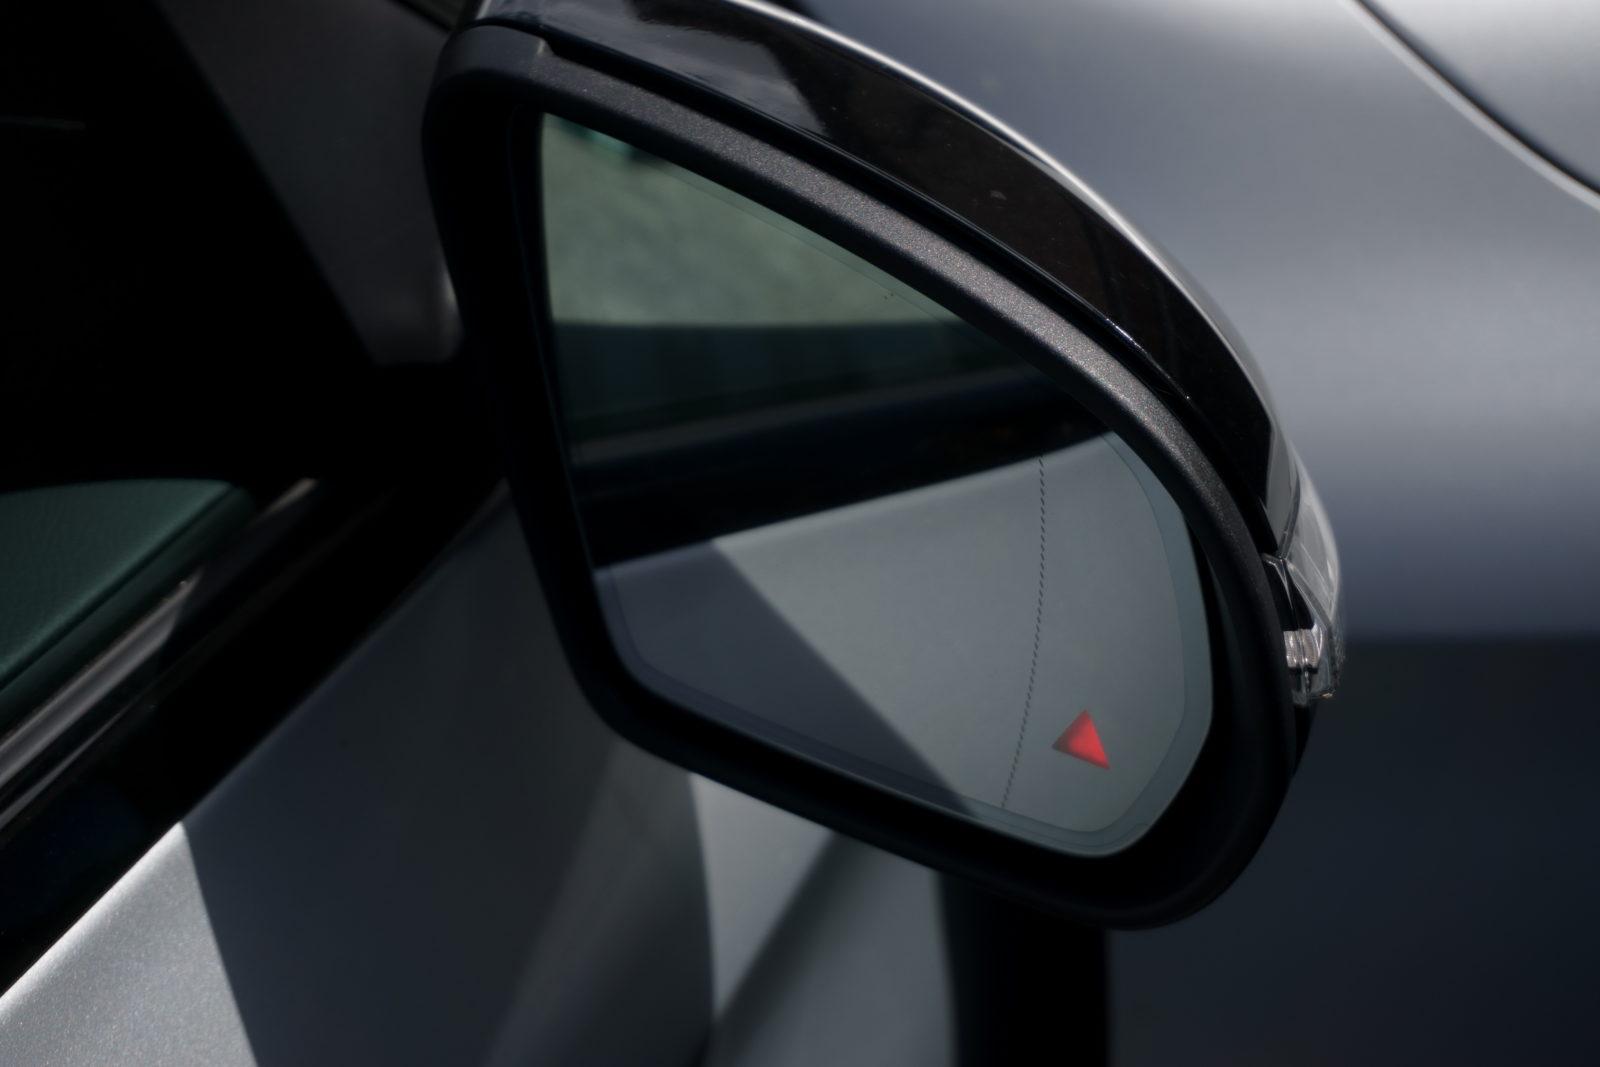 Car door mirror with illuminated blind spot monitoring light warning.